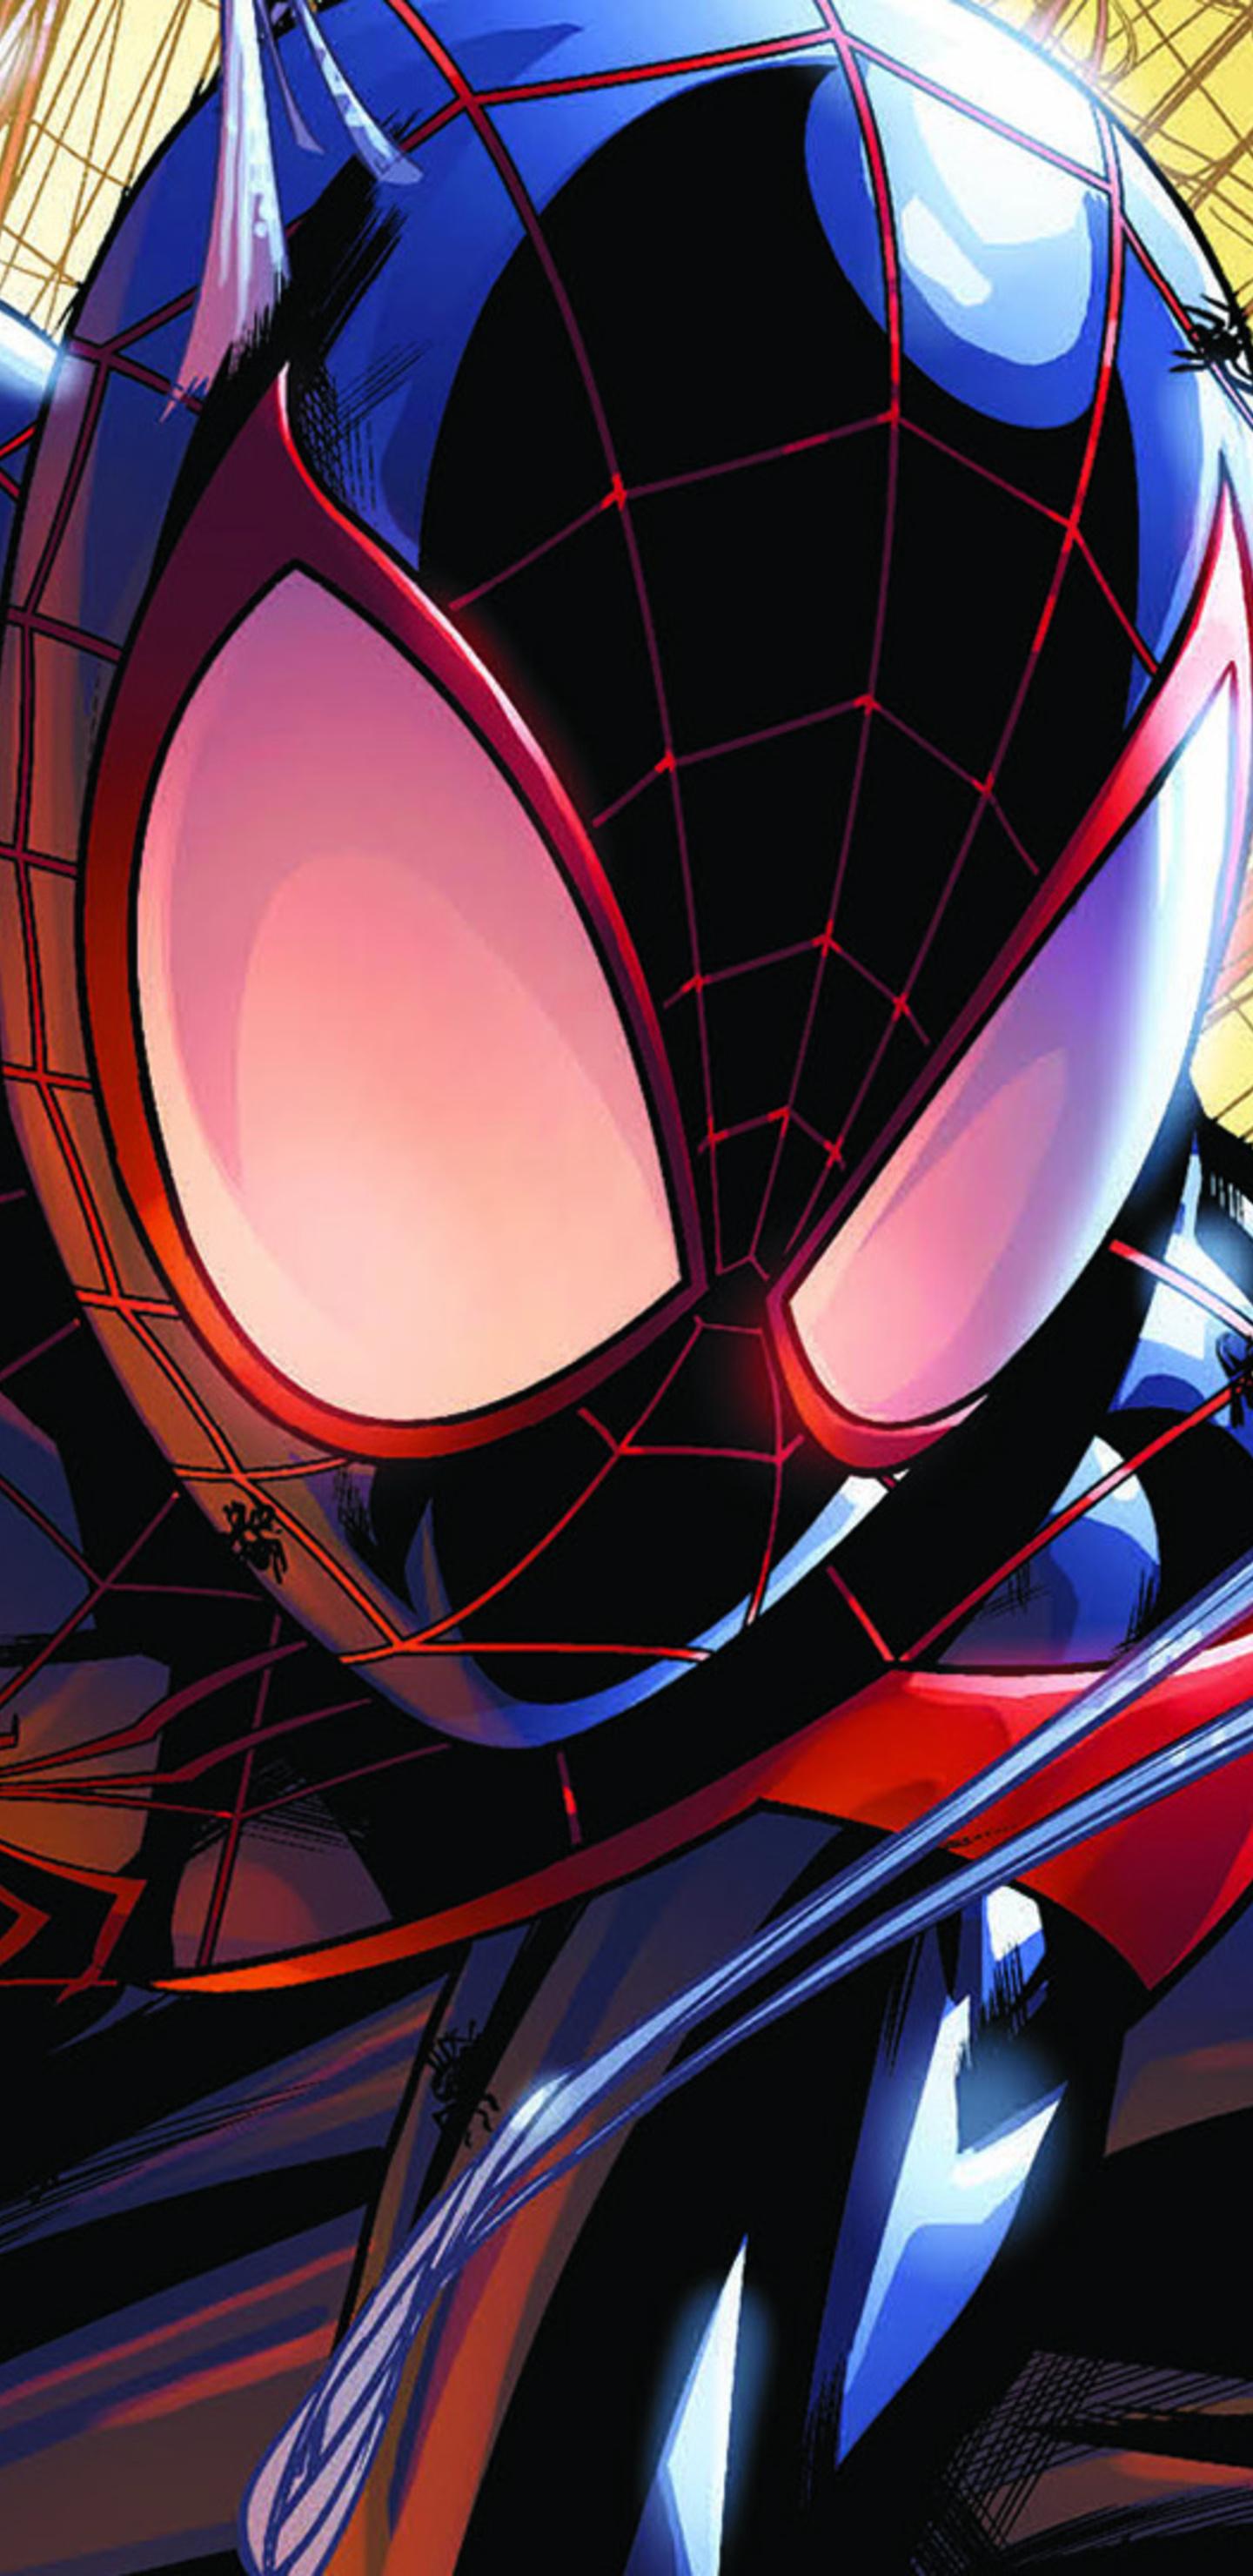 1440x2960 Spiderman Miles Morales Artwork Samsung Galaxy